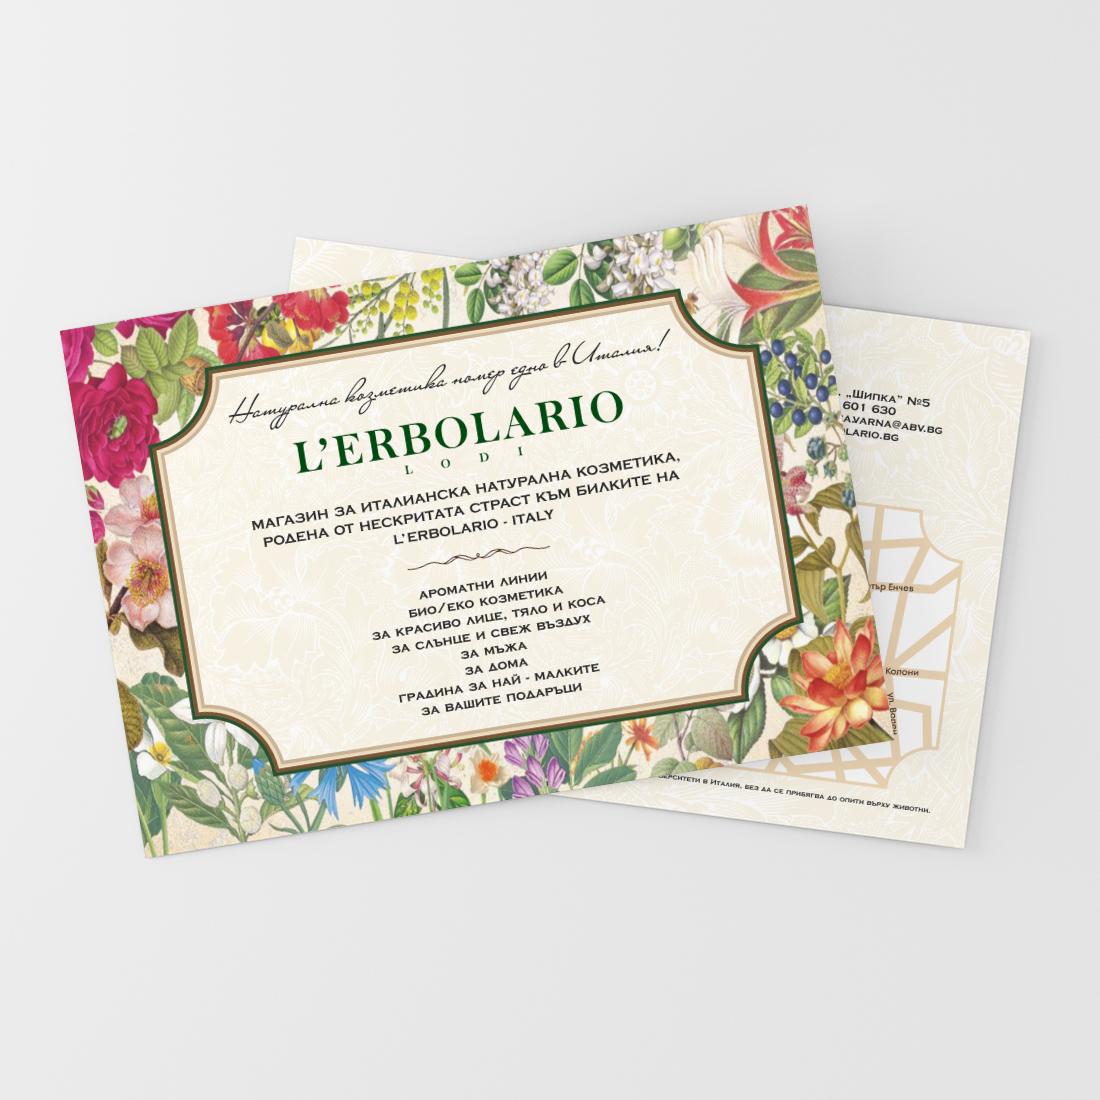 Flyer StudioDES Lerbolario